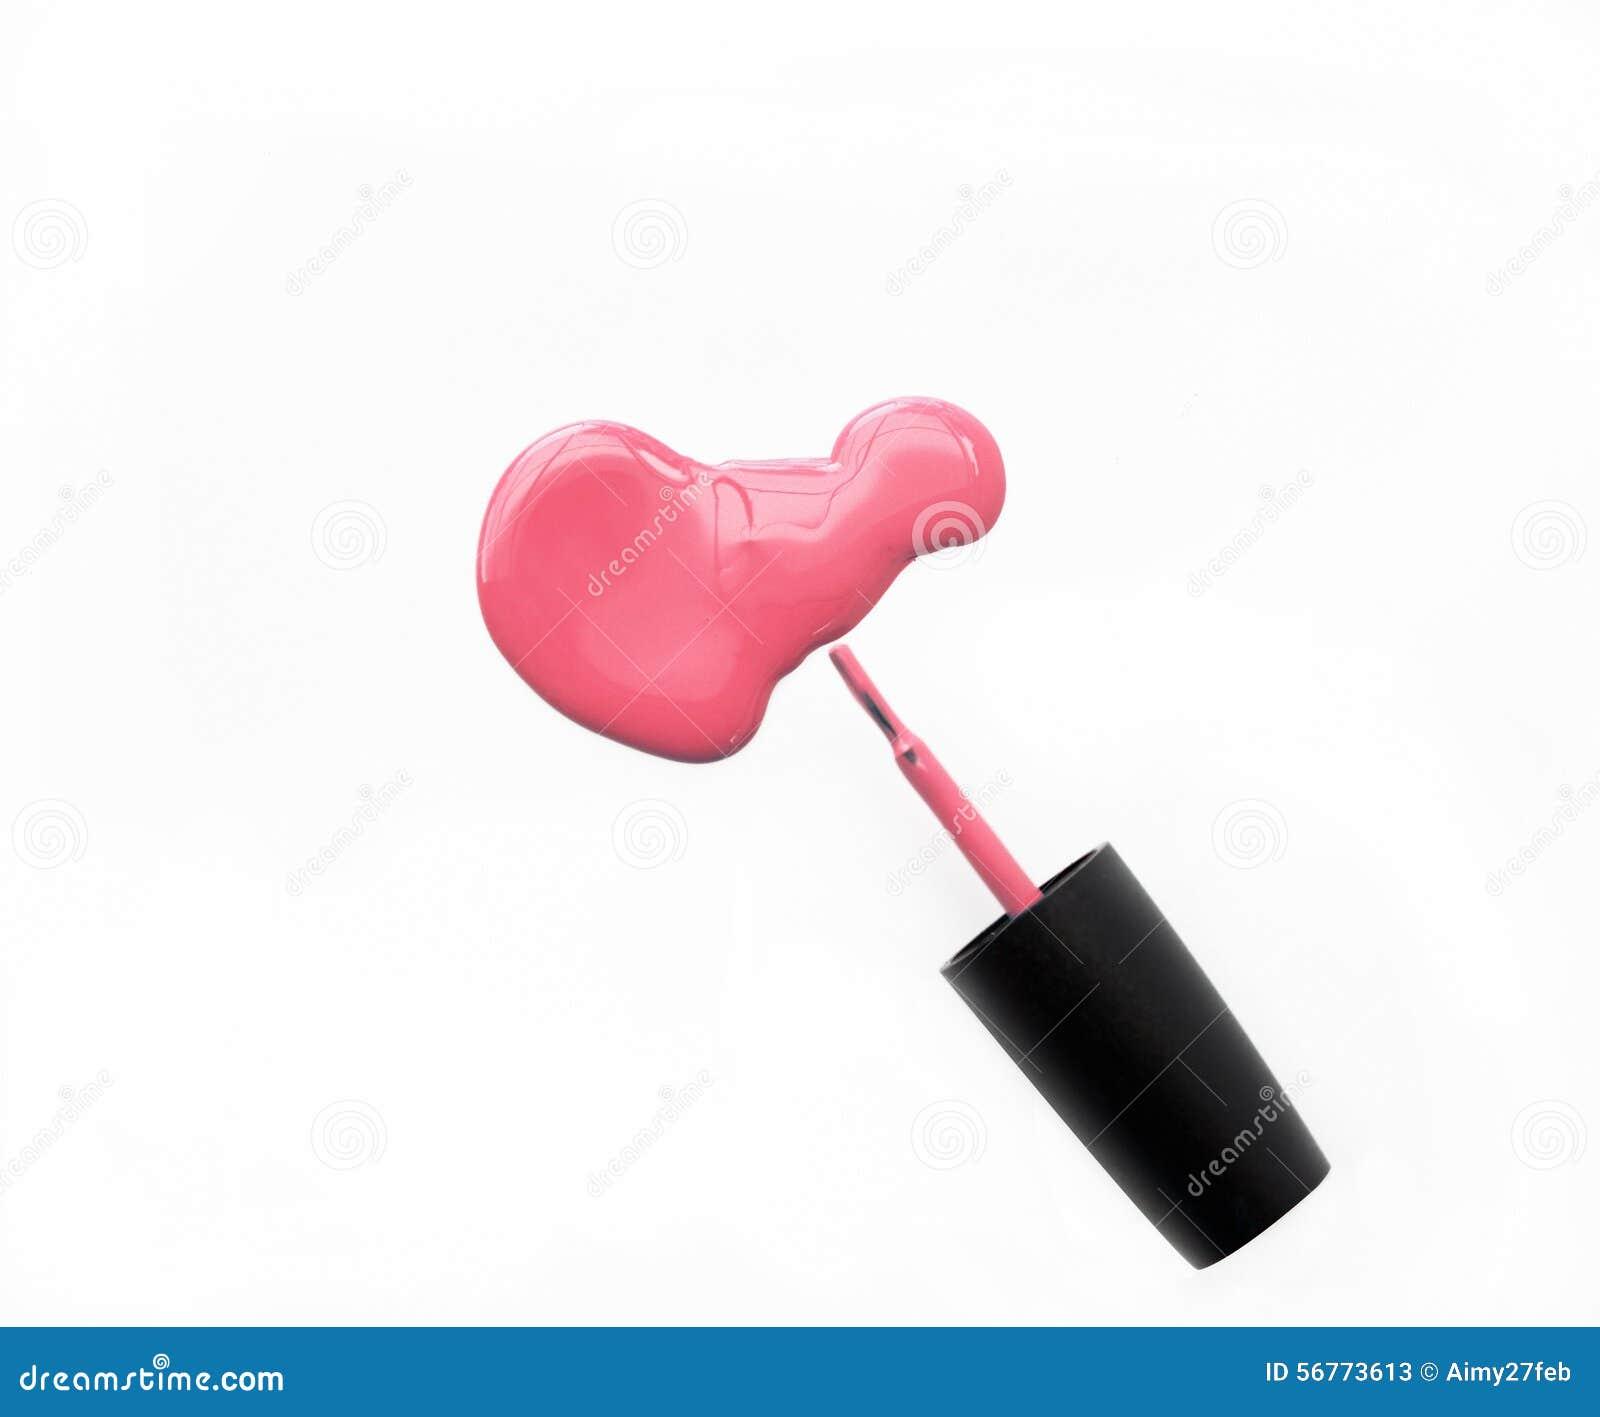 Pink Nail Polish And Brush On White Background Stock Image - Image ...